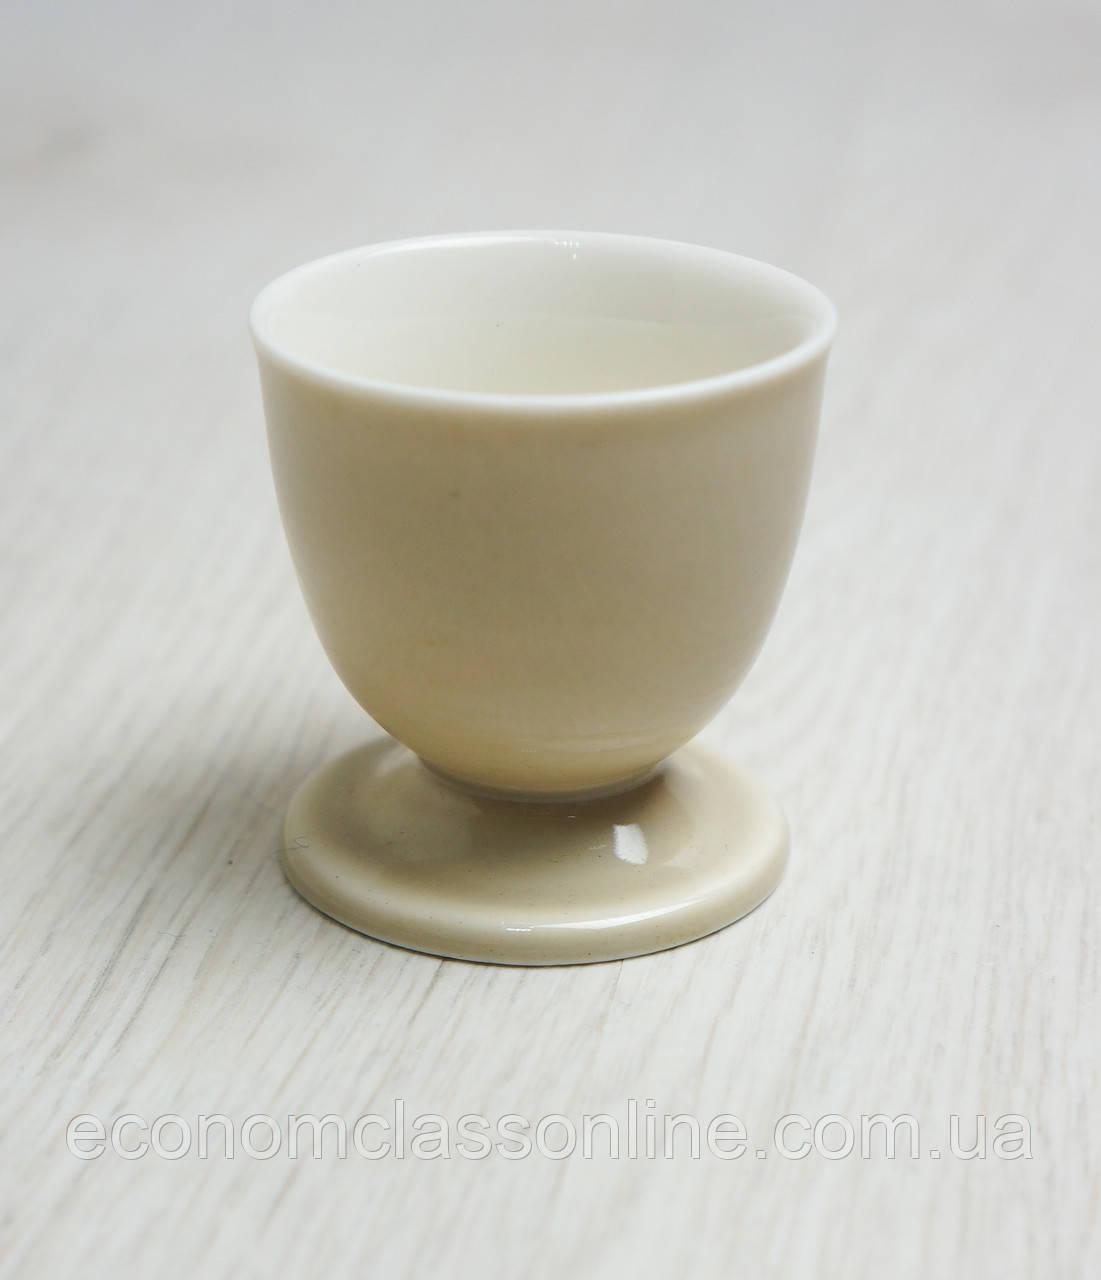 Підставка для яєць керамічна